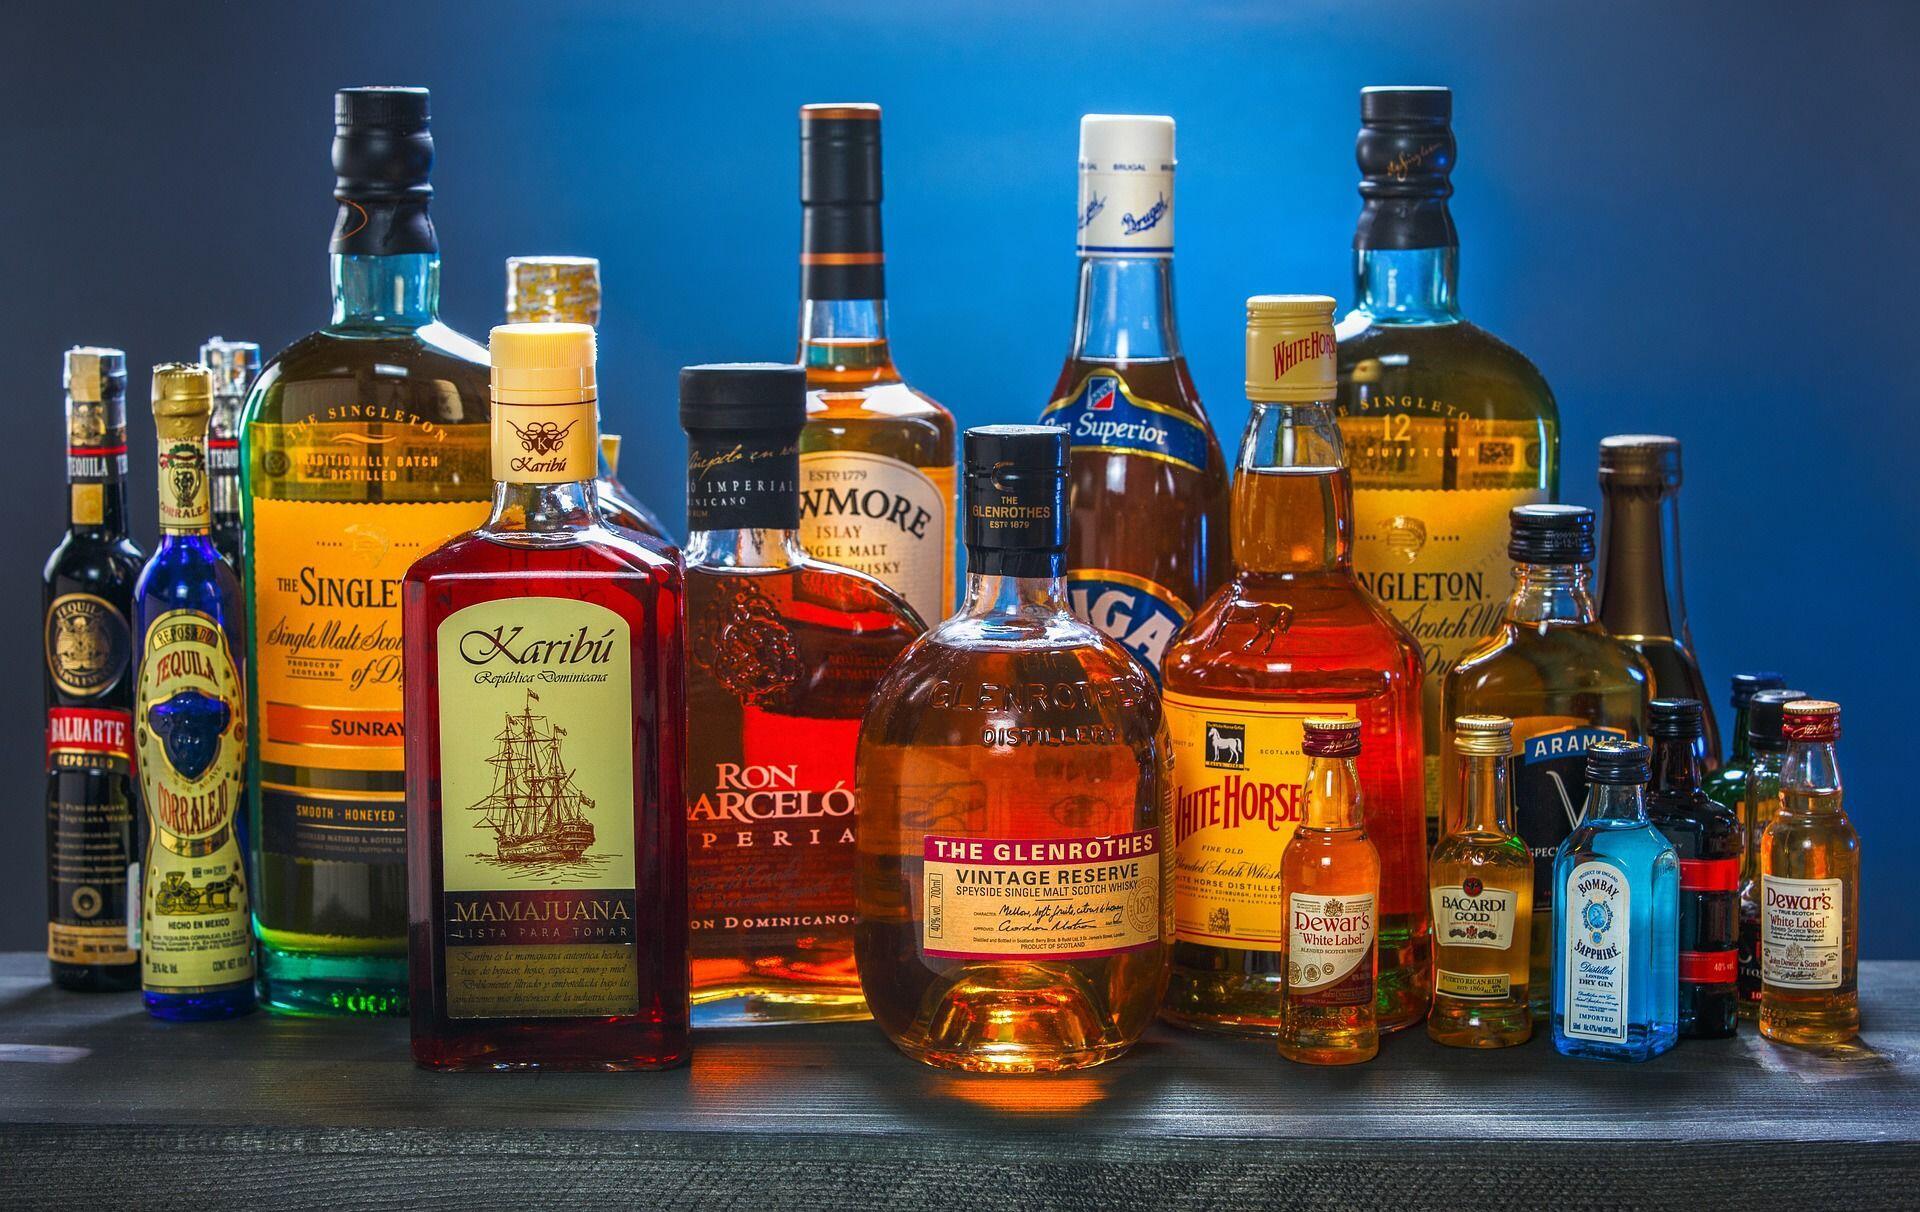 Kenapa Minum Alkohol Berbahaya? Ini 12 Risiko yang Perlu Diwaspadai